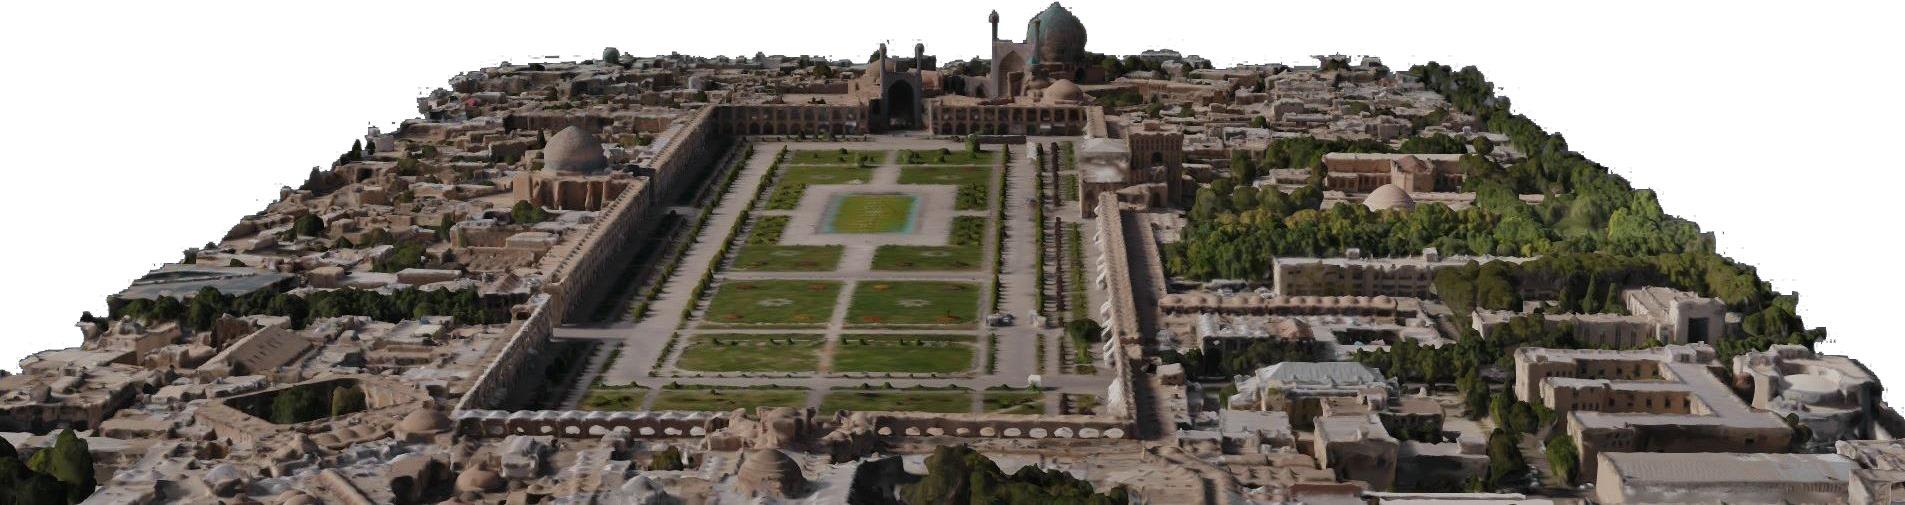 مدل سازی سه بعدی - اصفهان 3